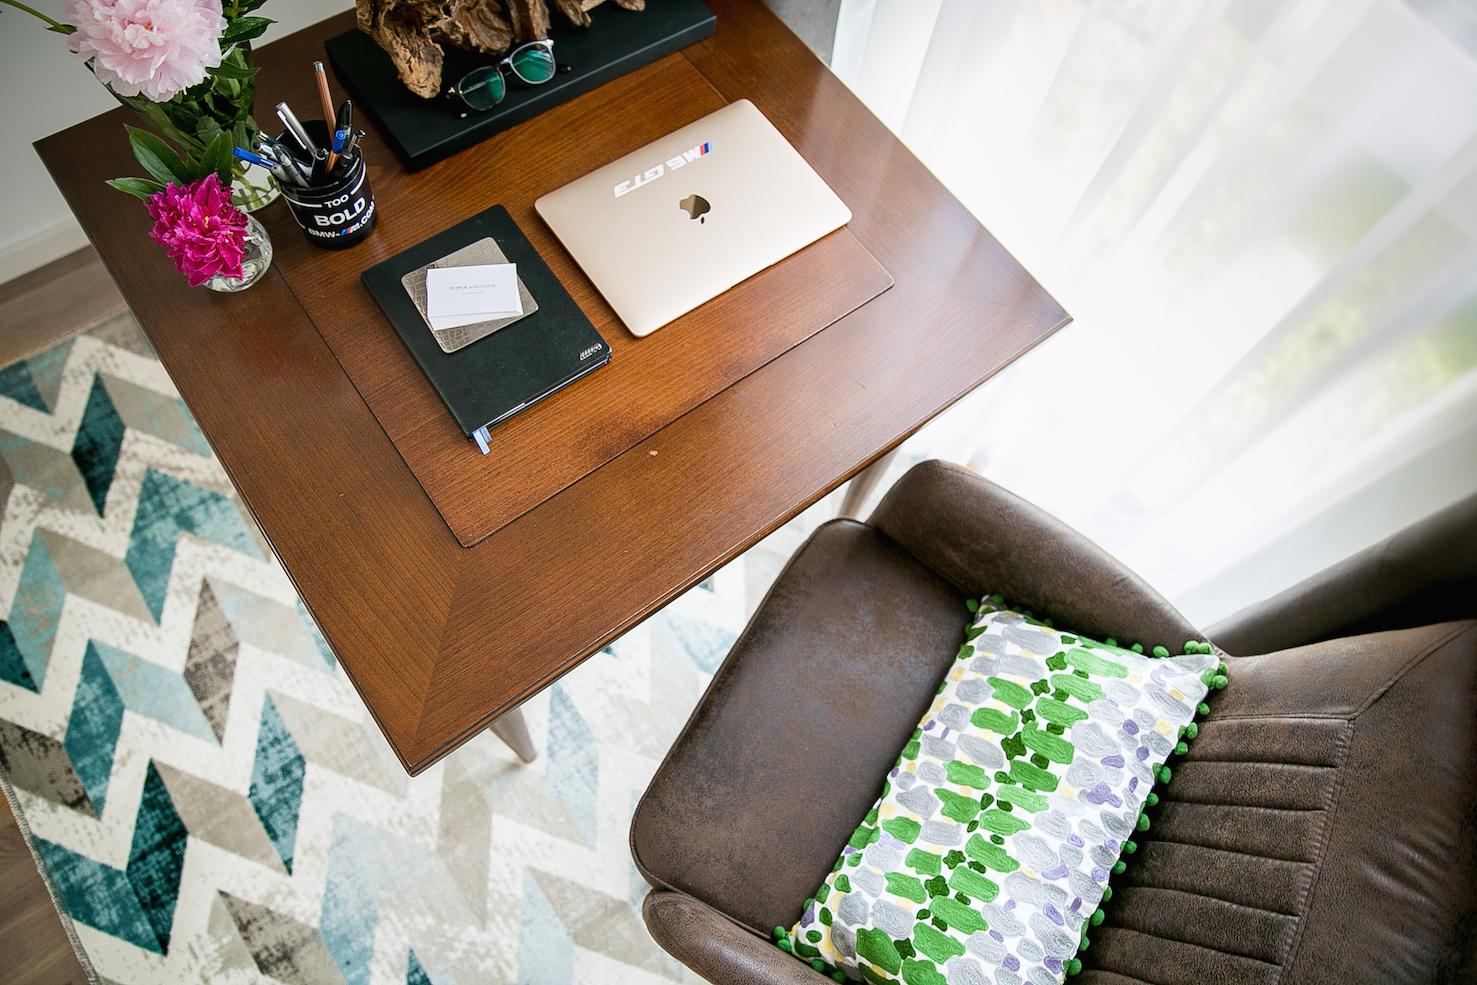 Den Arbeitsplatz harmonisch ins Wohnzimmer integrieren Wohnen Zuhause Gestaltung Einrichtung RiessAmbiente Blogger PepperAndGold Alcantara Annick Goutal Diptique